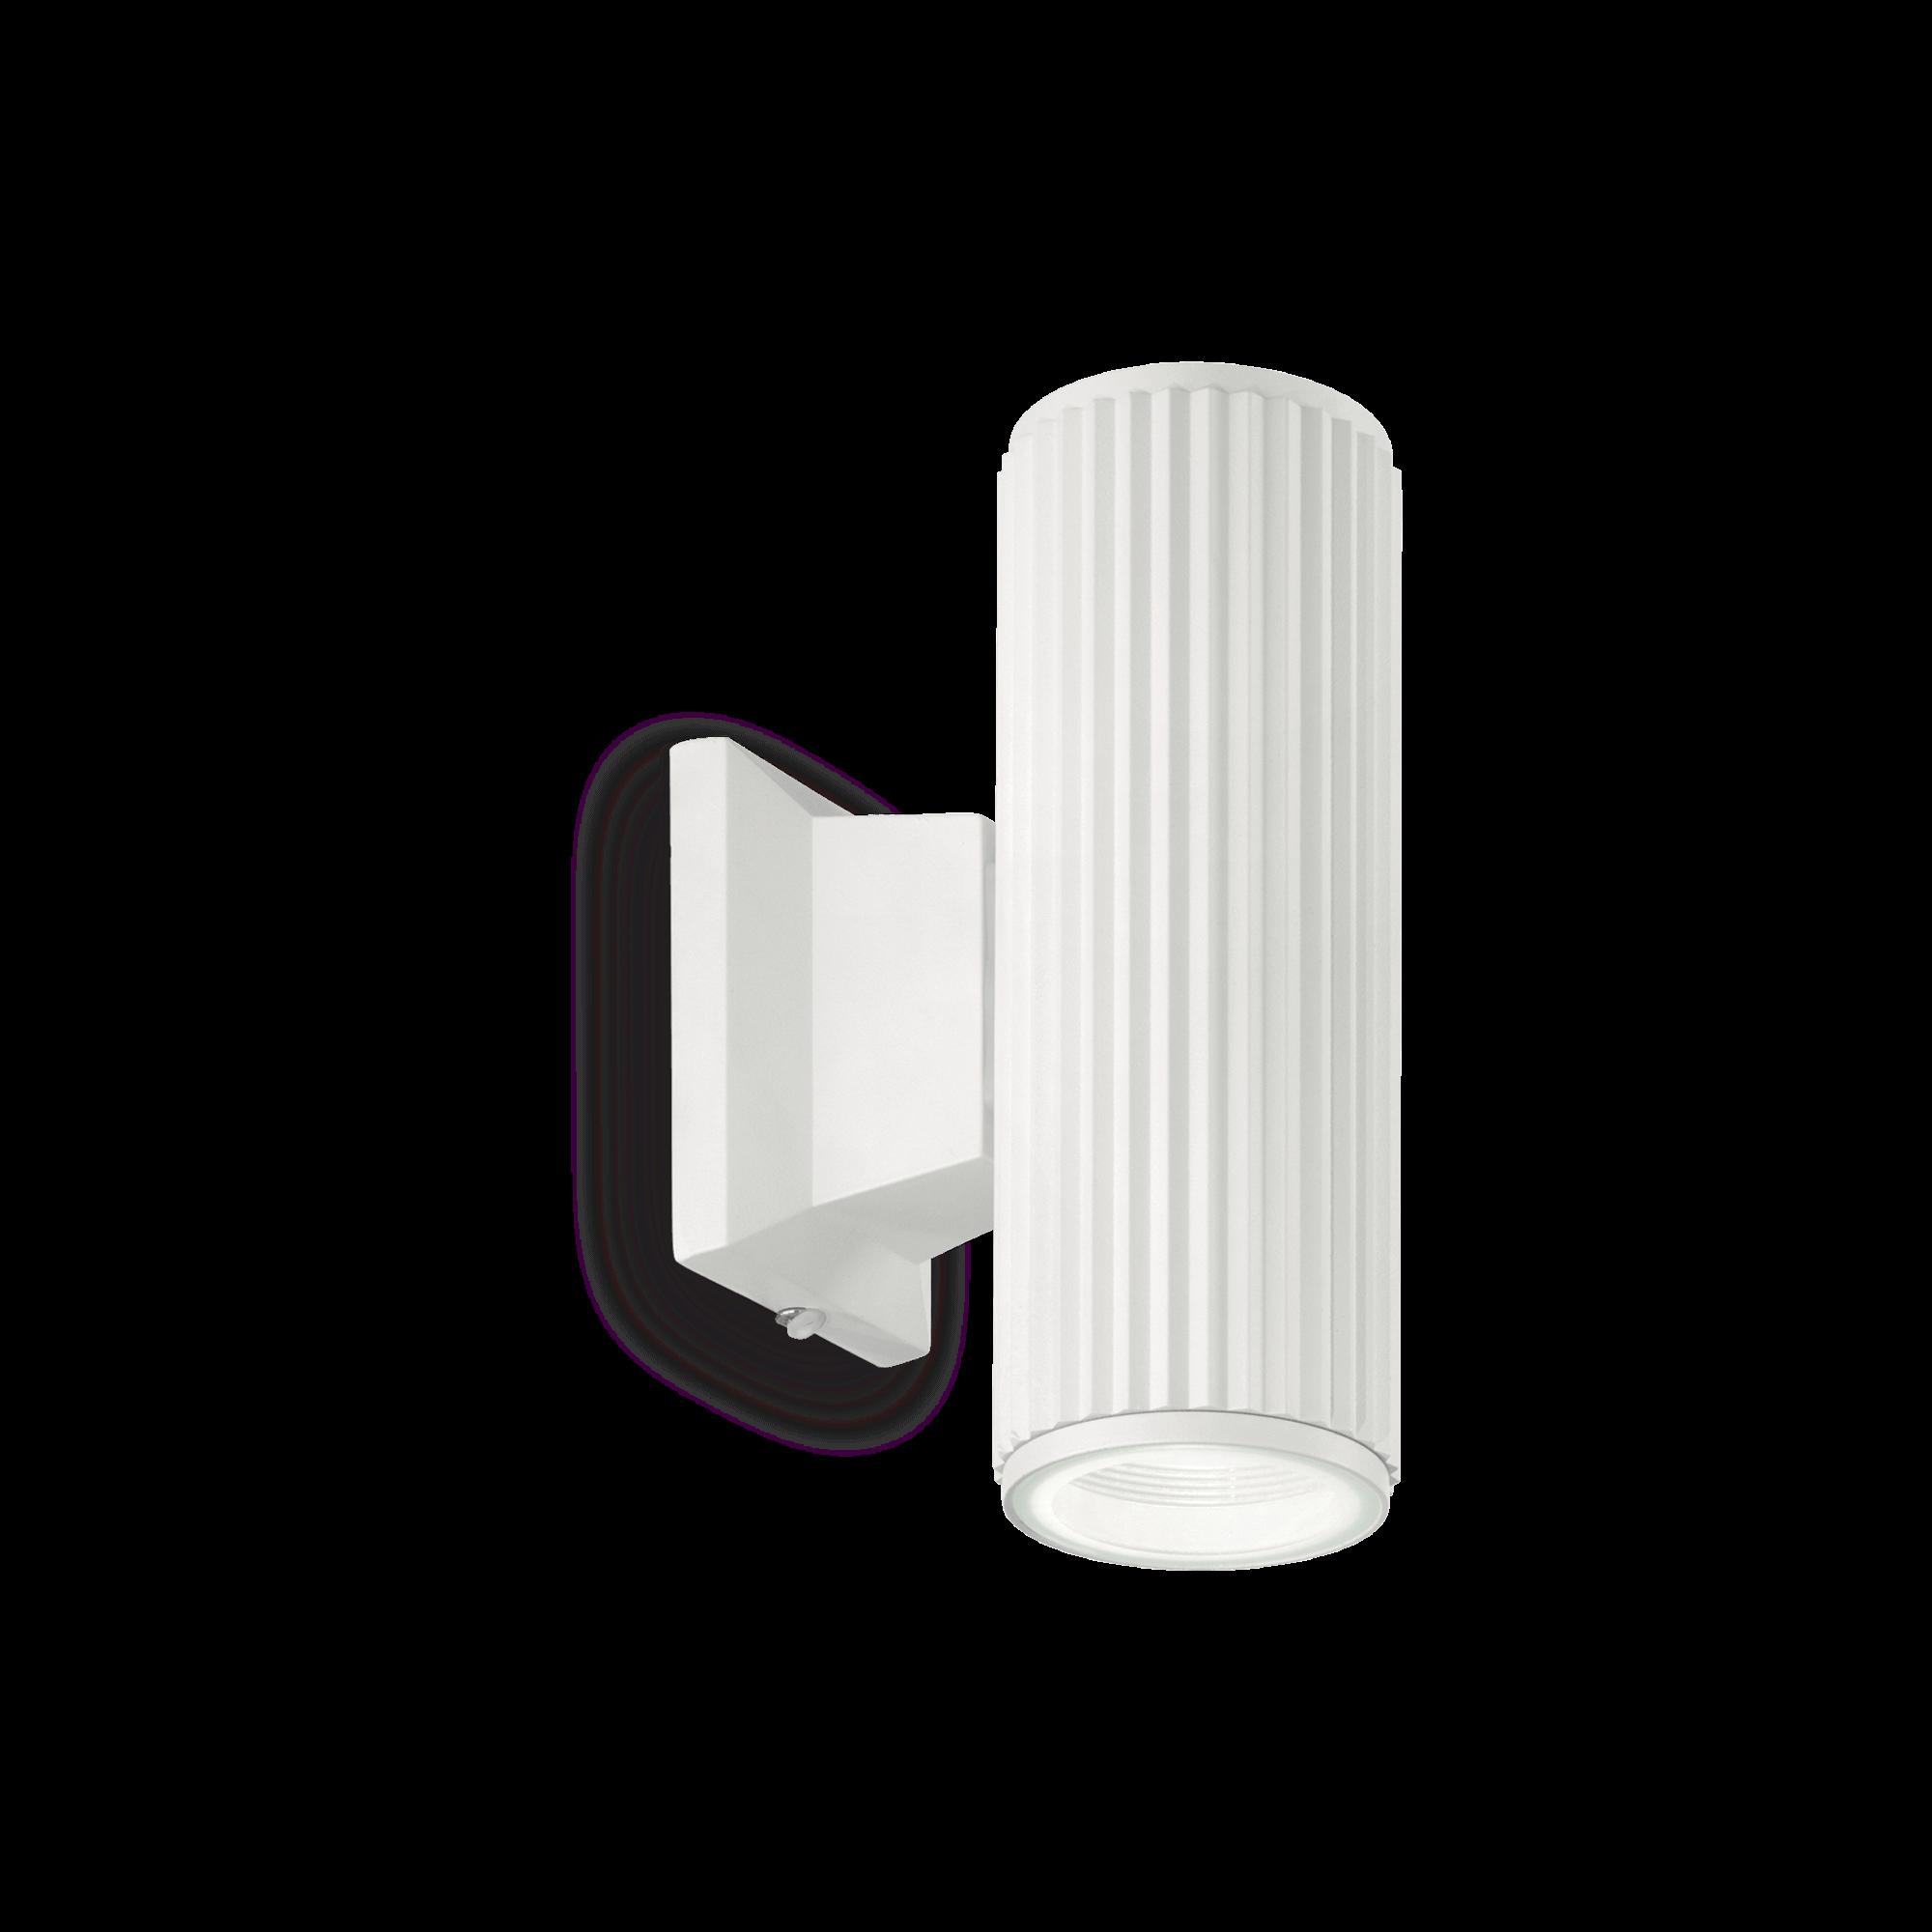 Ideal Lux 129457 BASE AP2 BIANCO kültéri fali lámpa